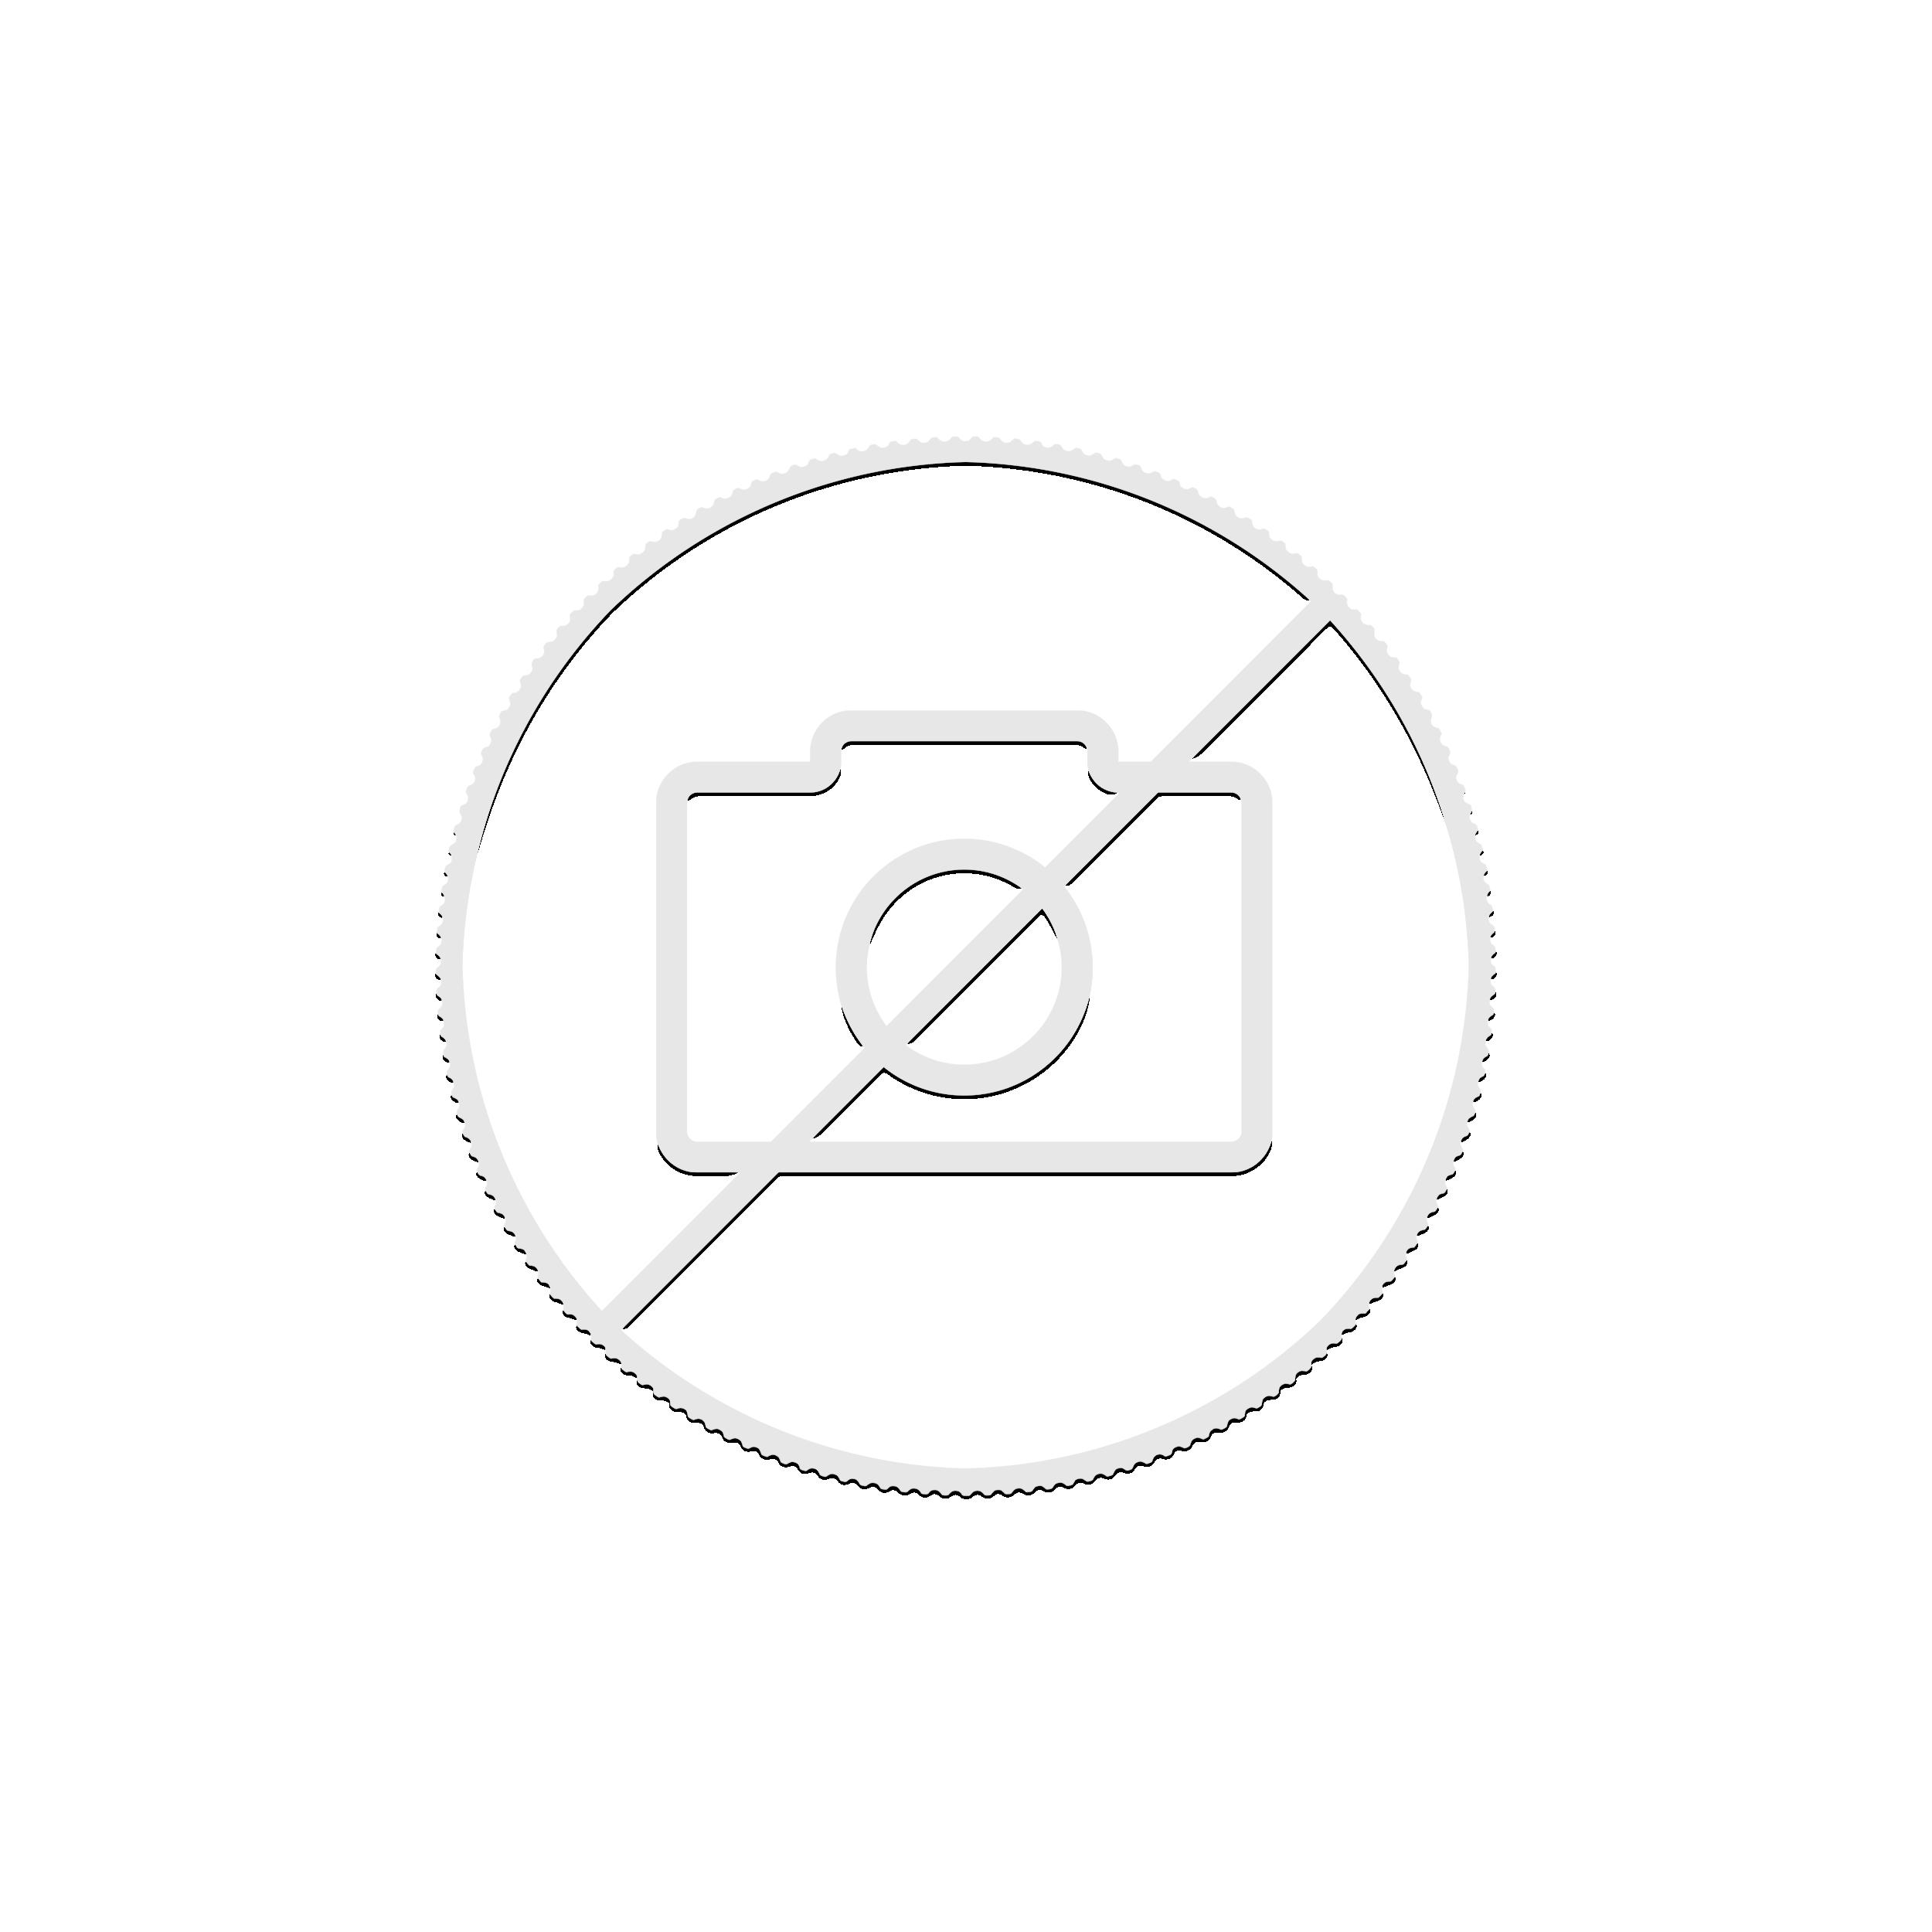 3x 1 Troy ounce zilveren munten Lunar 2021 - jaar van de Os